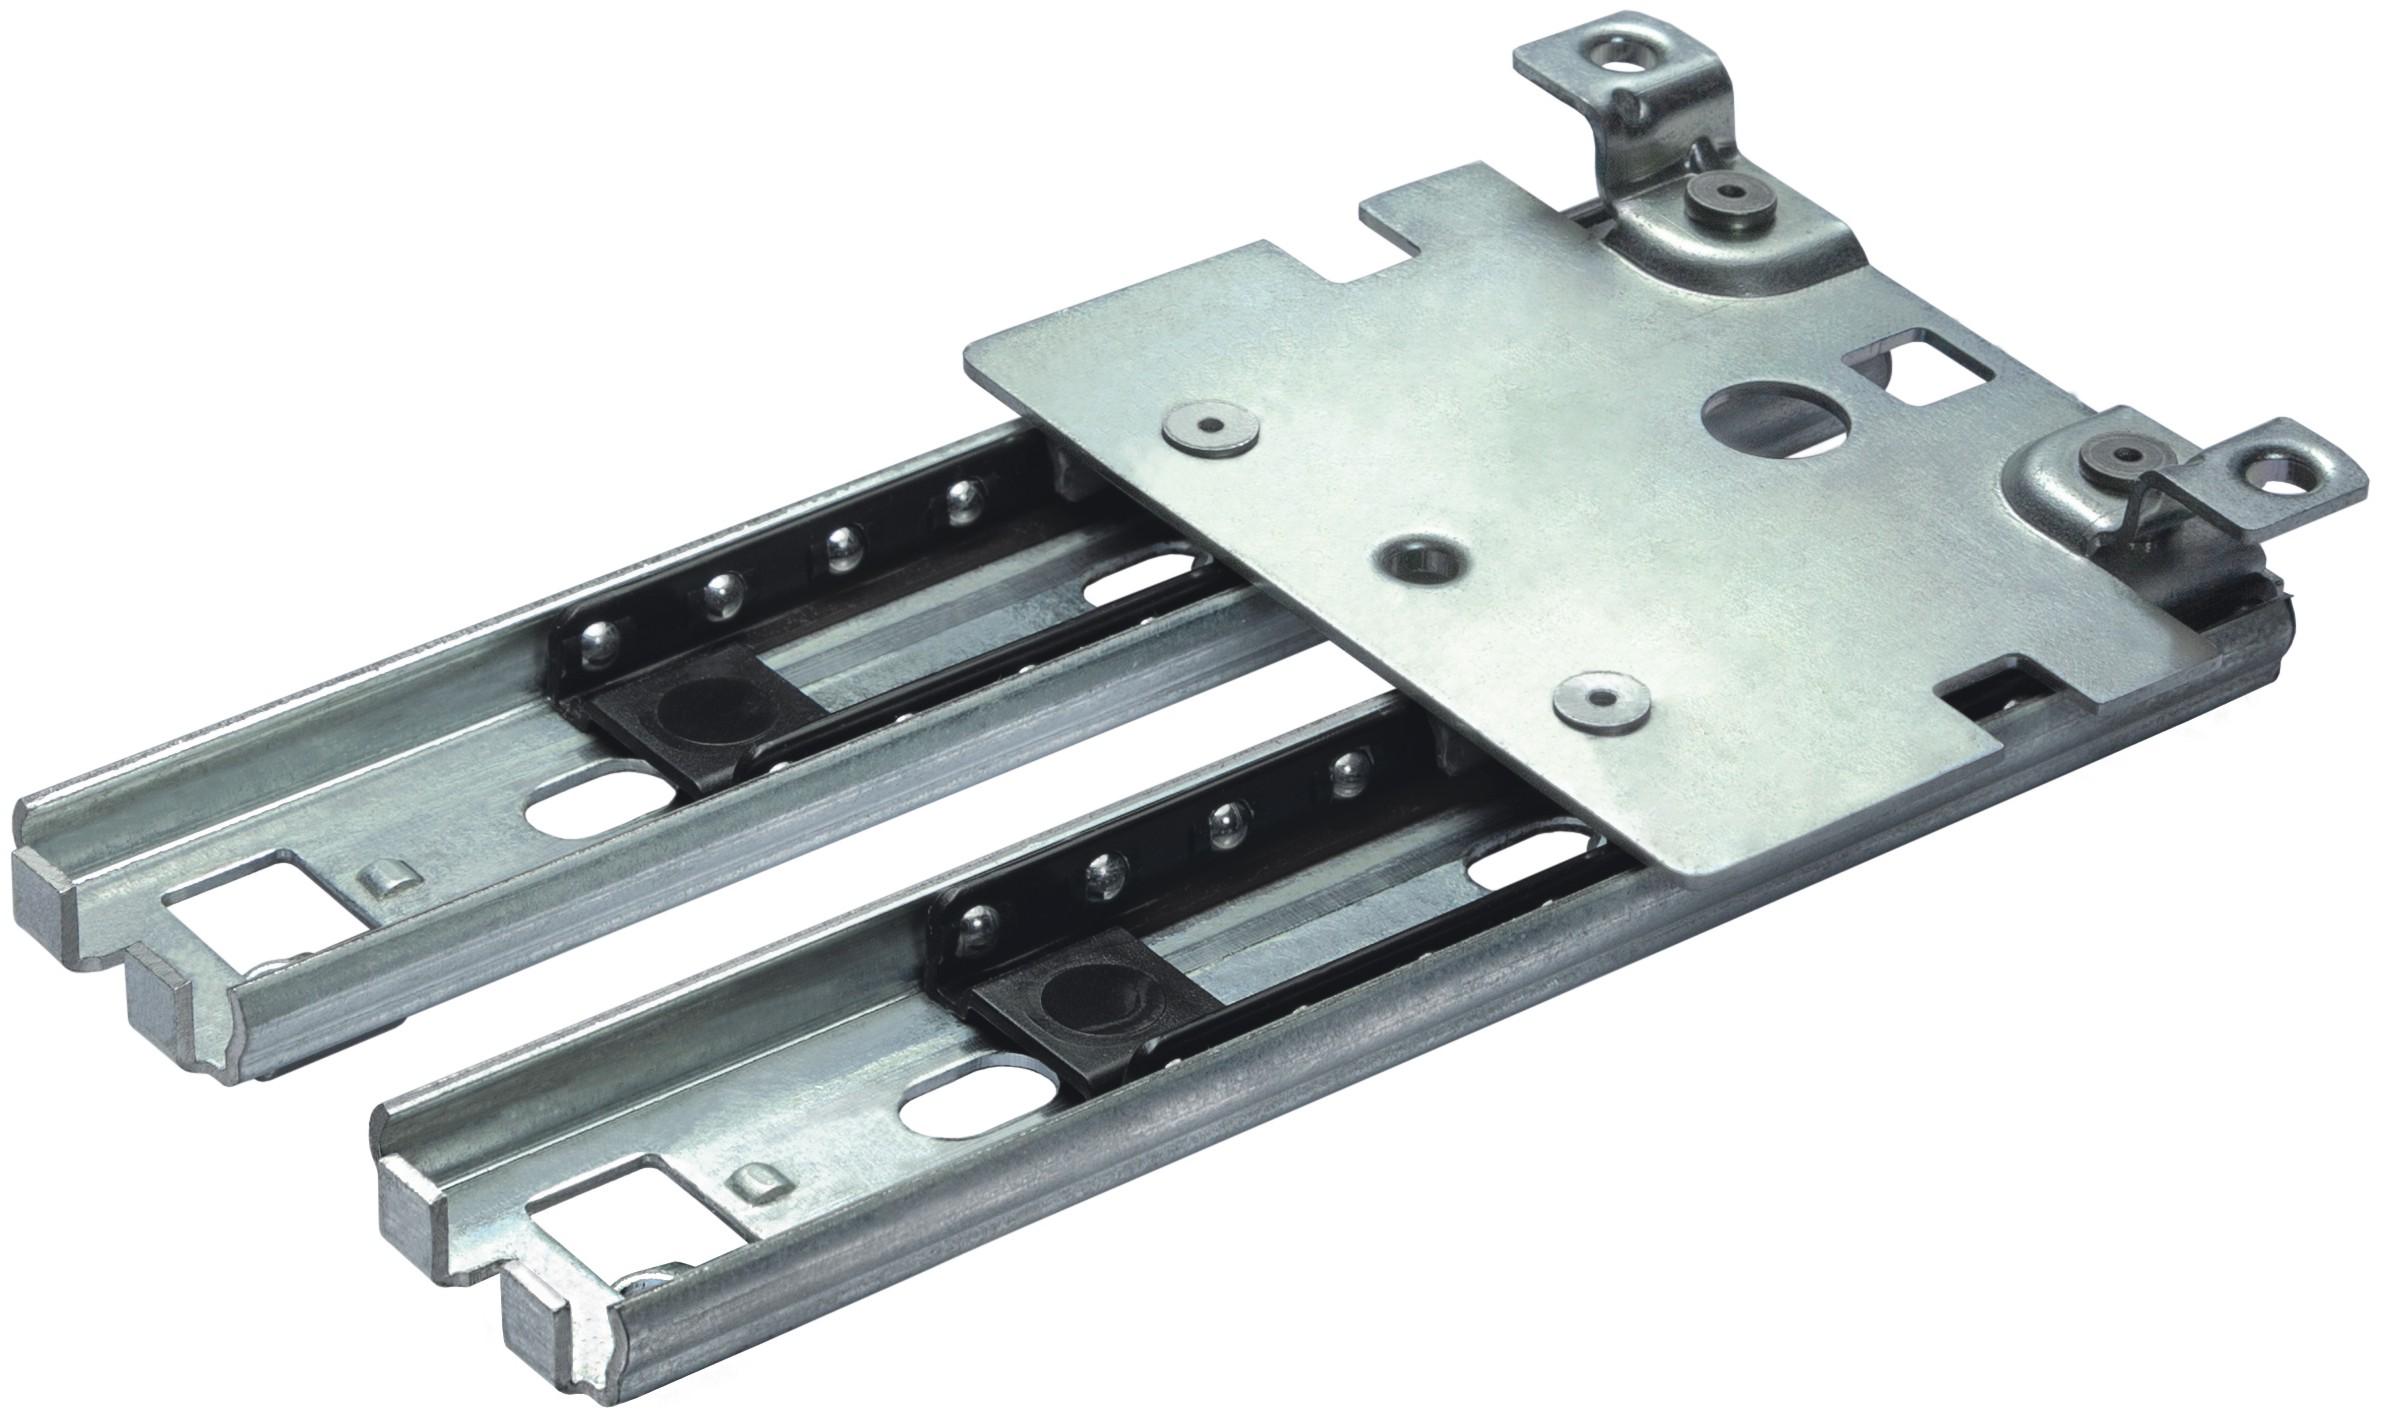 Schock Metallwerk GmbH